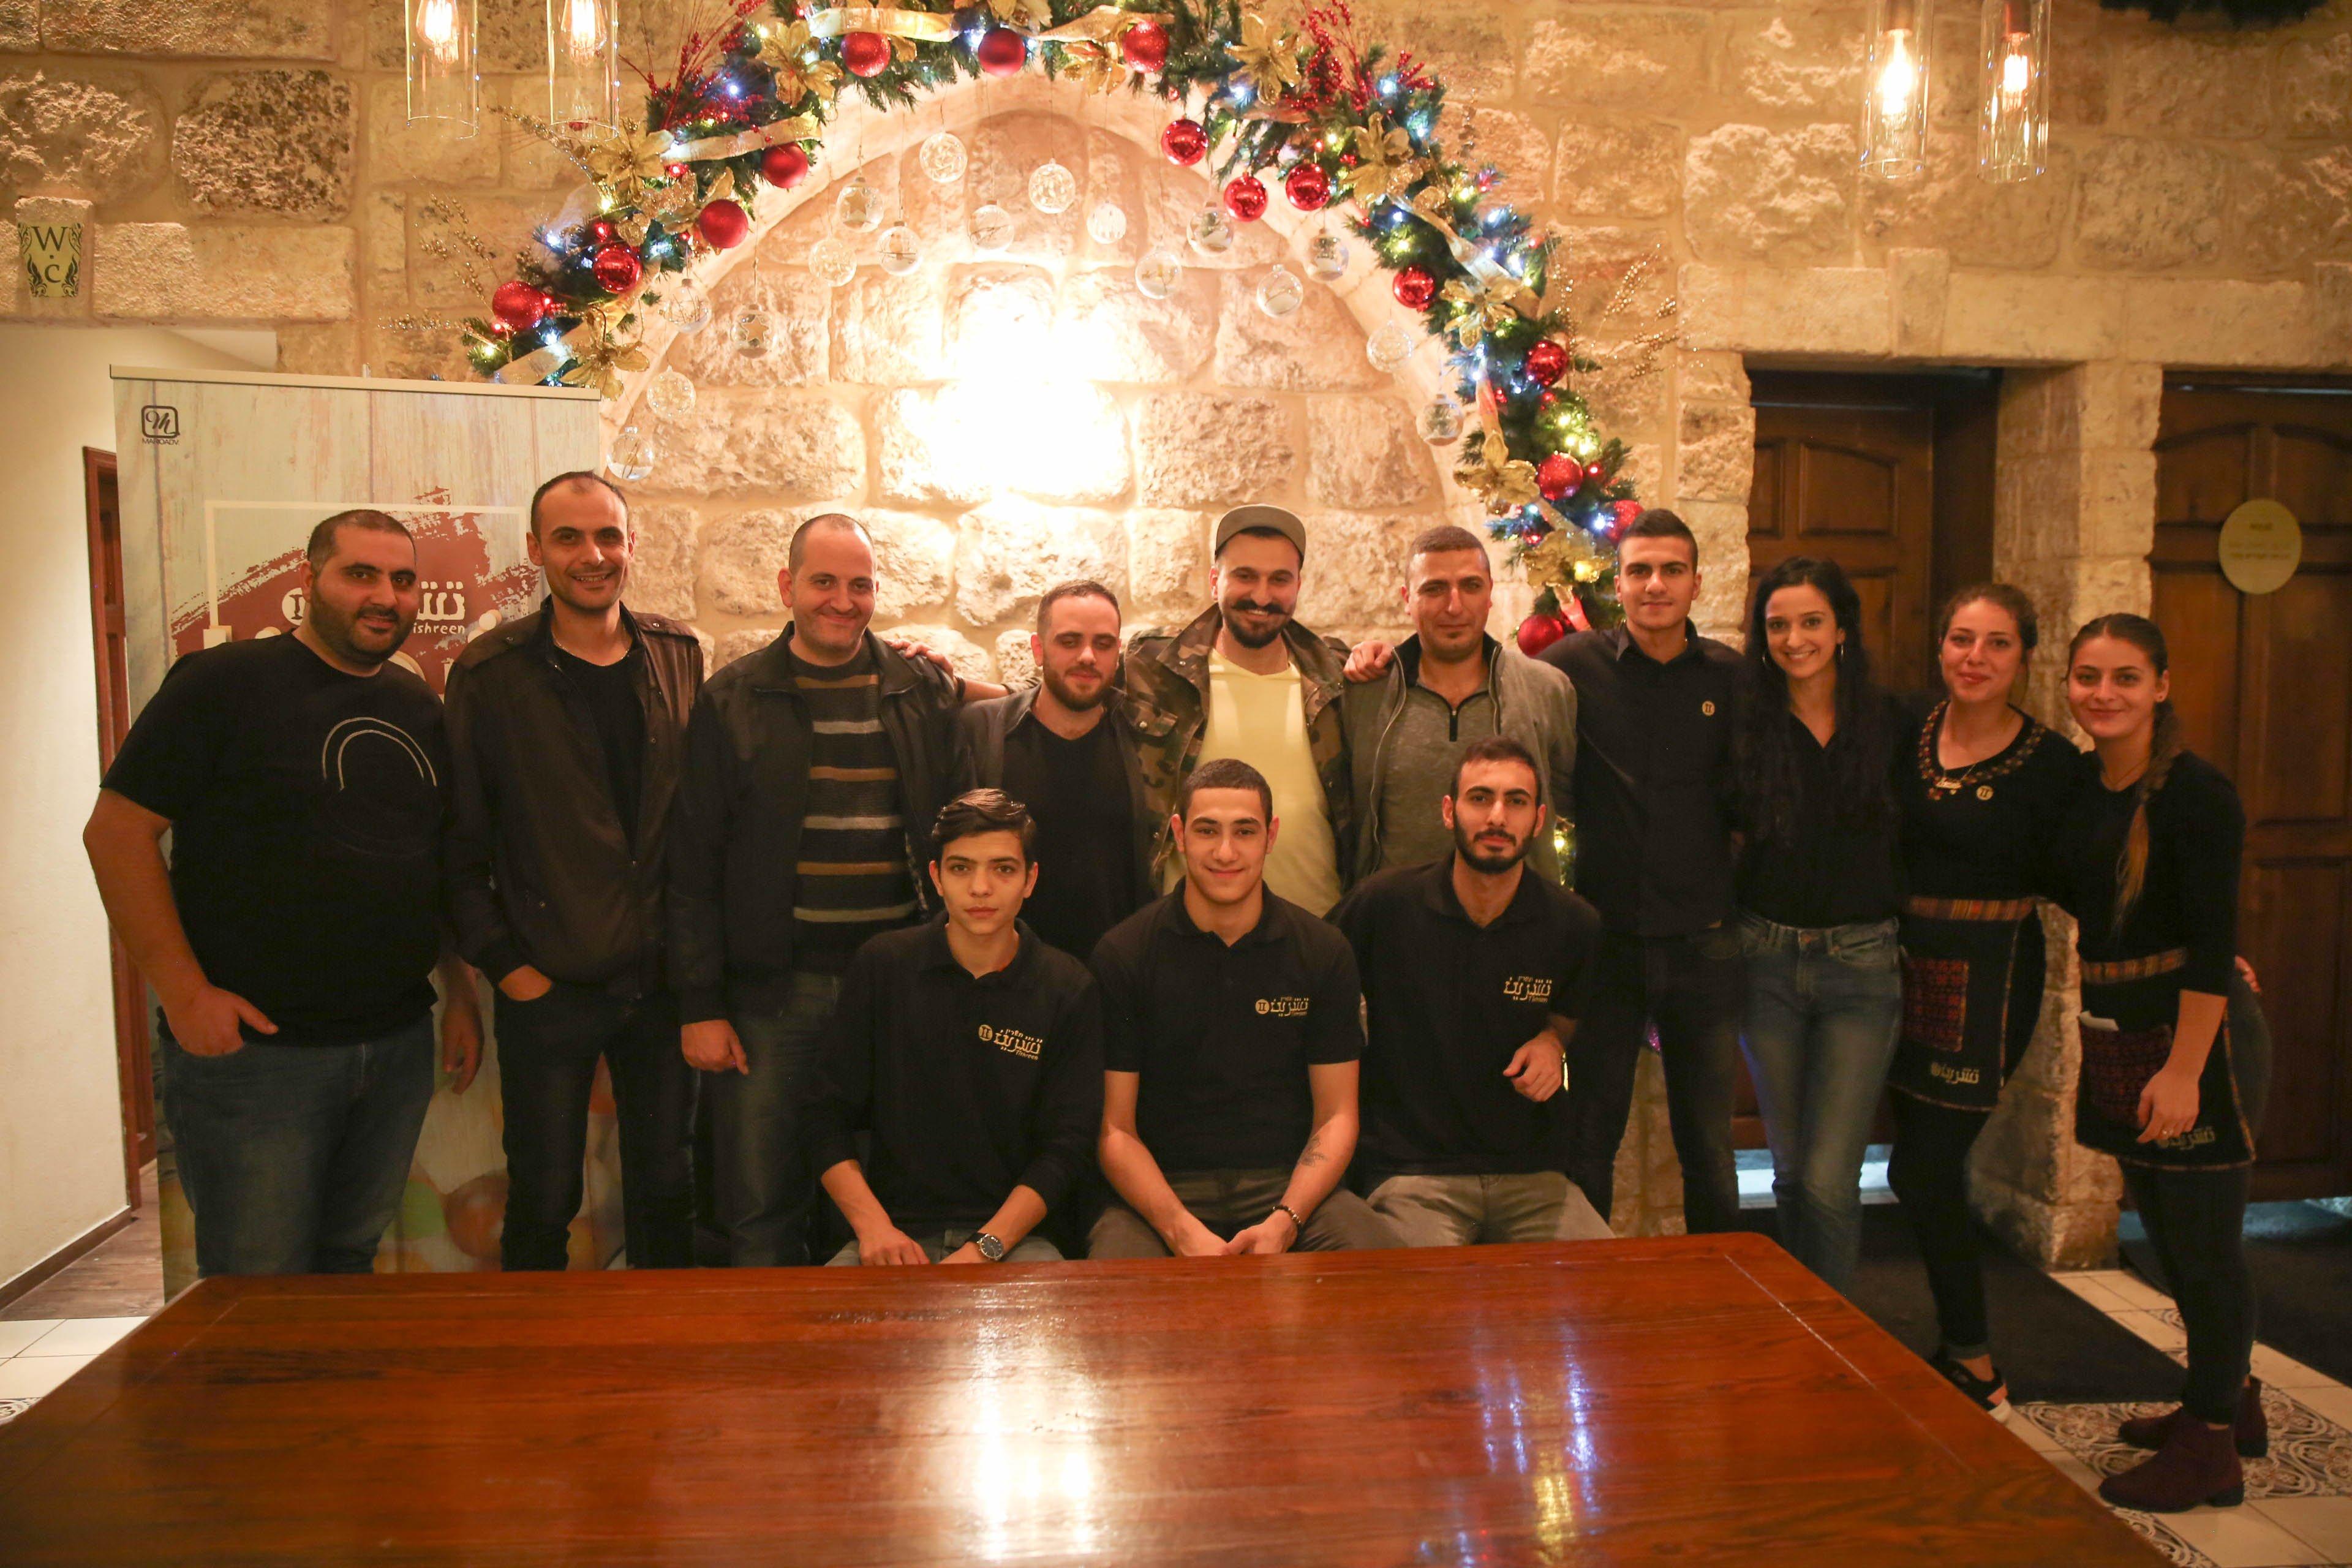 جمعية الناصرة تستقبل فرقة الانس والجام قبيل احياء عرضها الغنائي